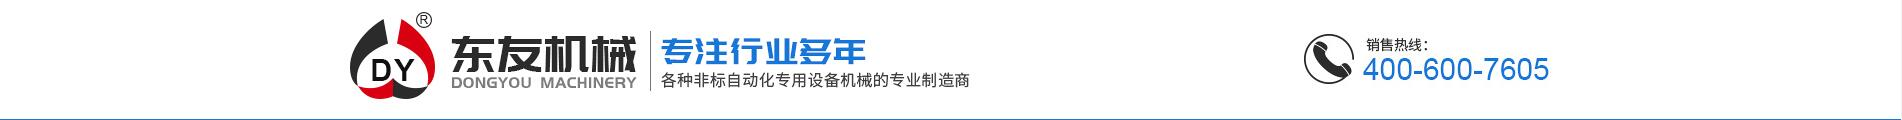 东莞市东友机械设备有限公司